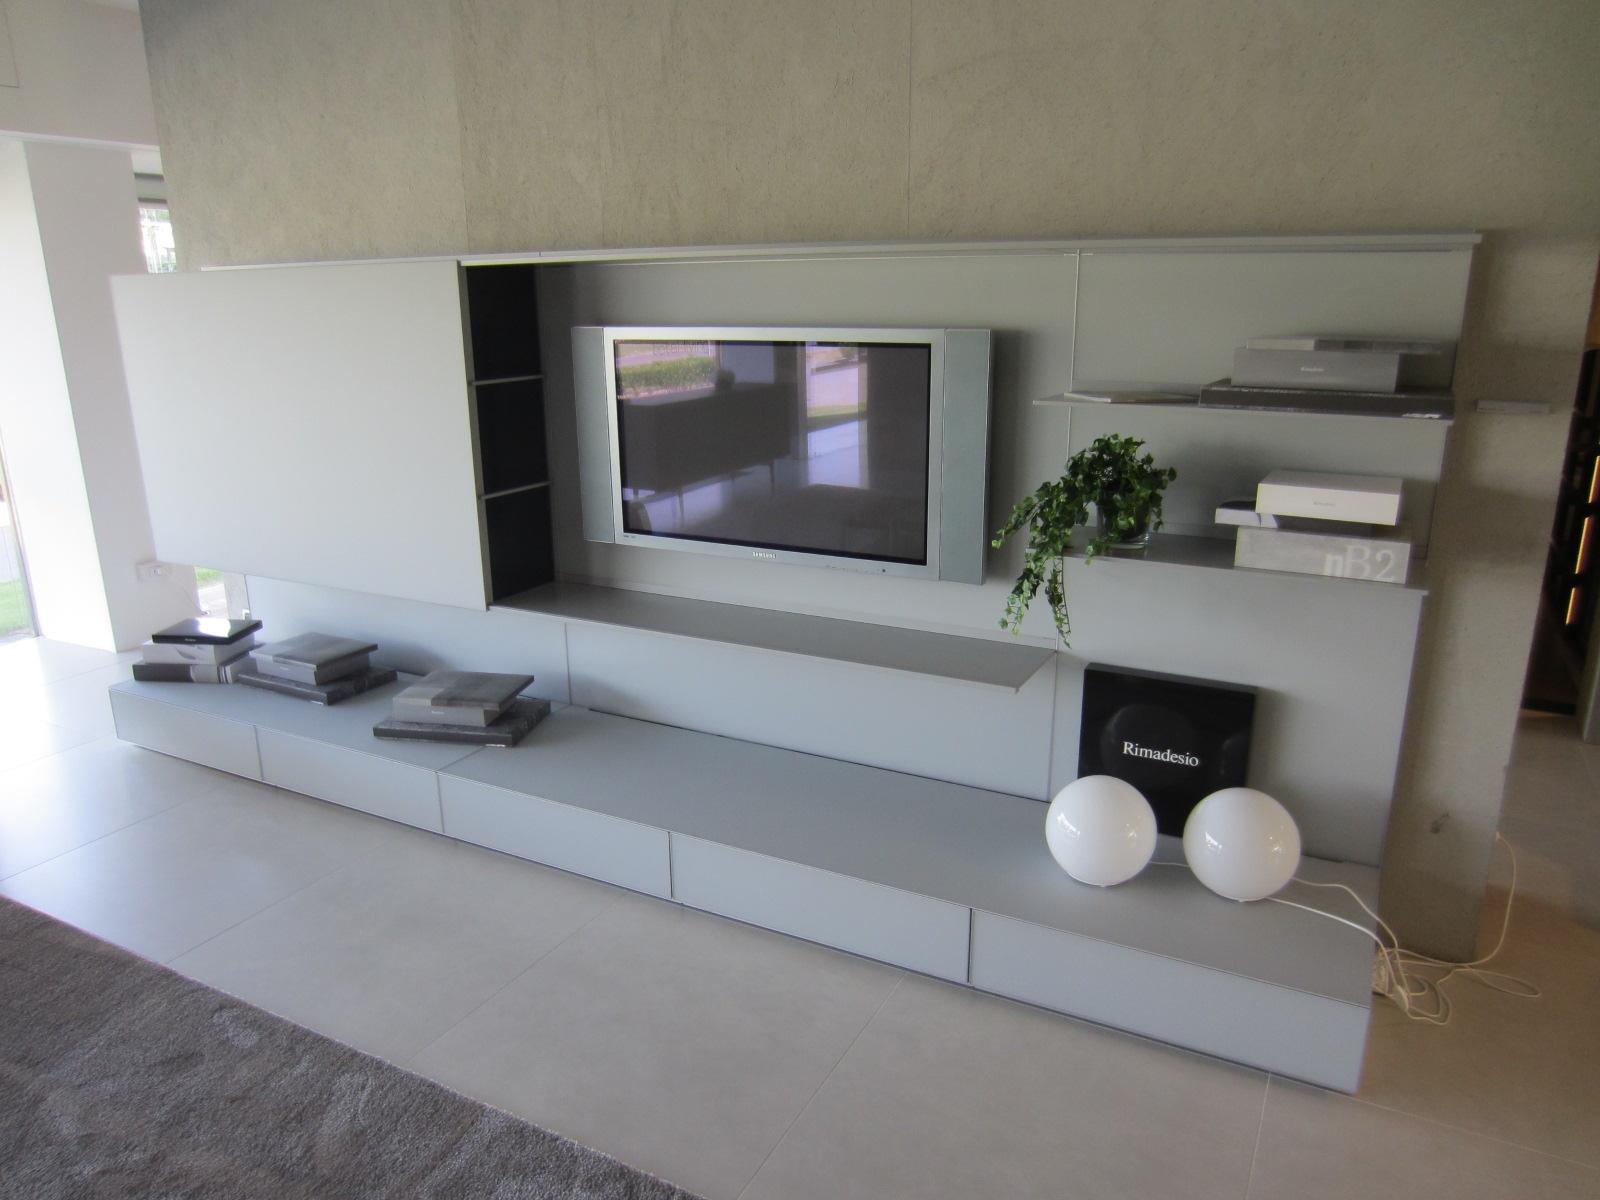 Soggiorno Rimadesio Abacus living Porta Tv - Soggiorni a prezzi ...